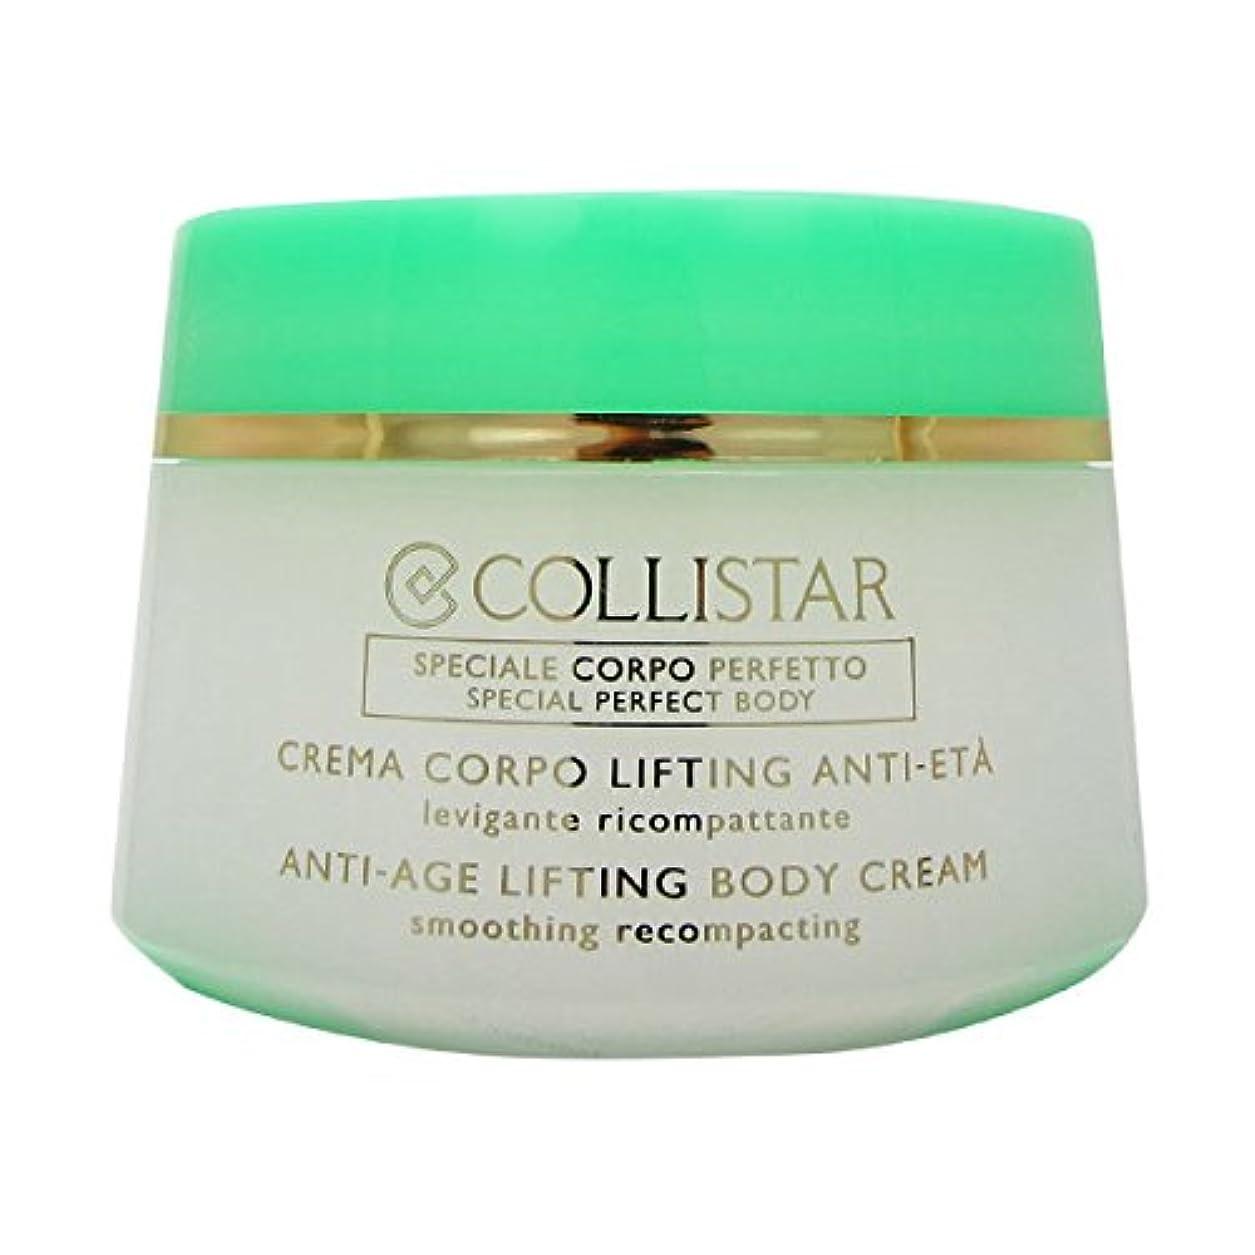 エトナ山北西びんCollistar Anti-age Lifting Body Cream 400ml [並行輸入品]